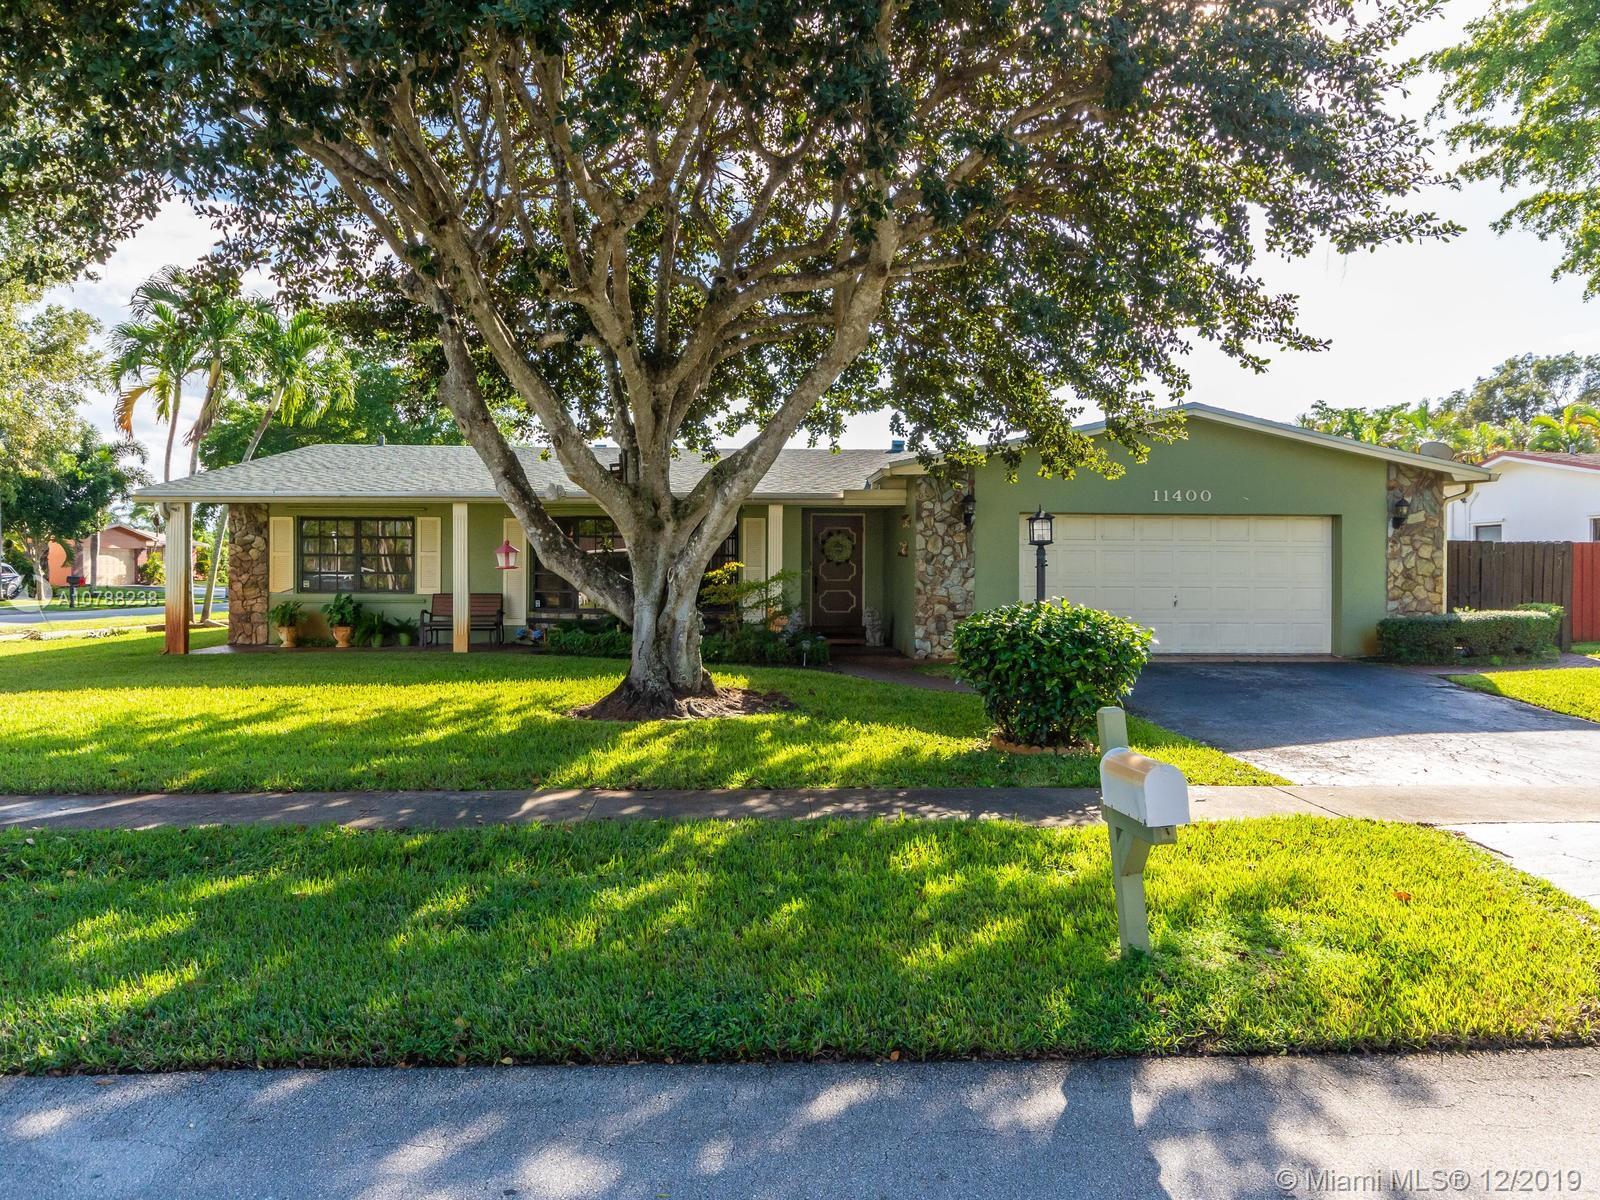 11400 NW 18th St, Pembroke Pines, FL 33026